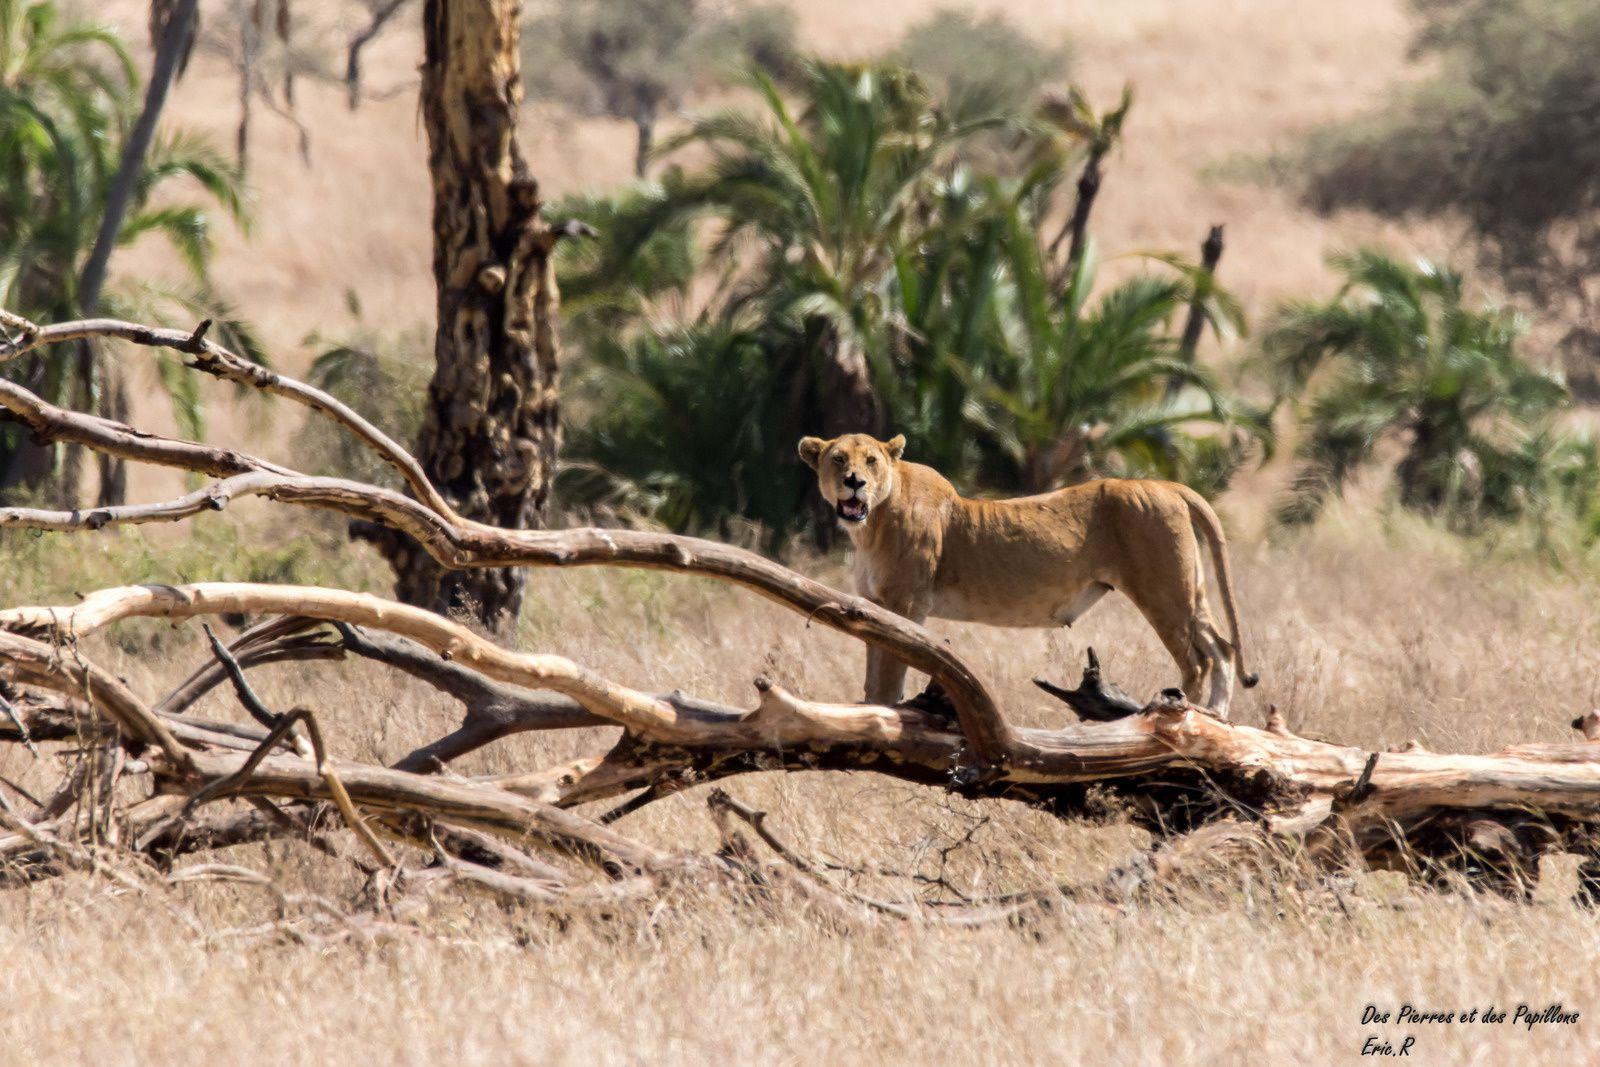 Une lionne en attente sur un tronc arbre.